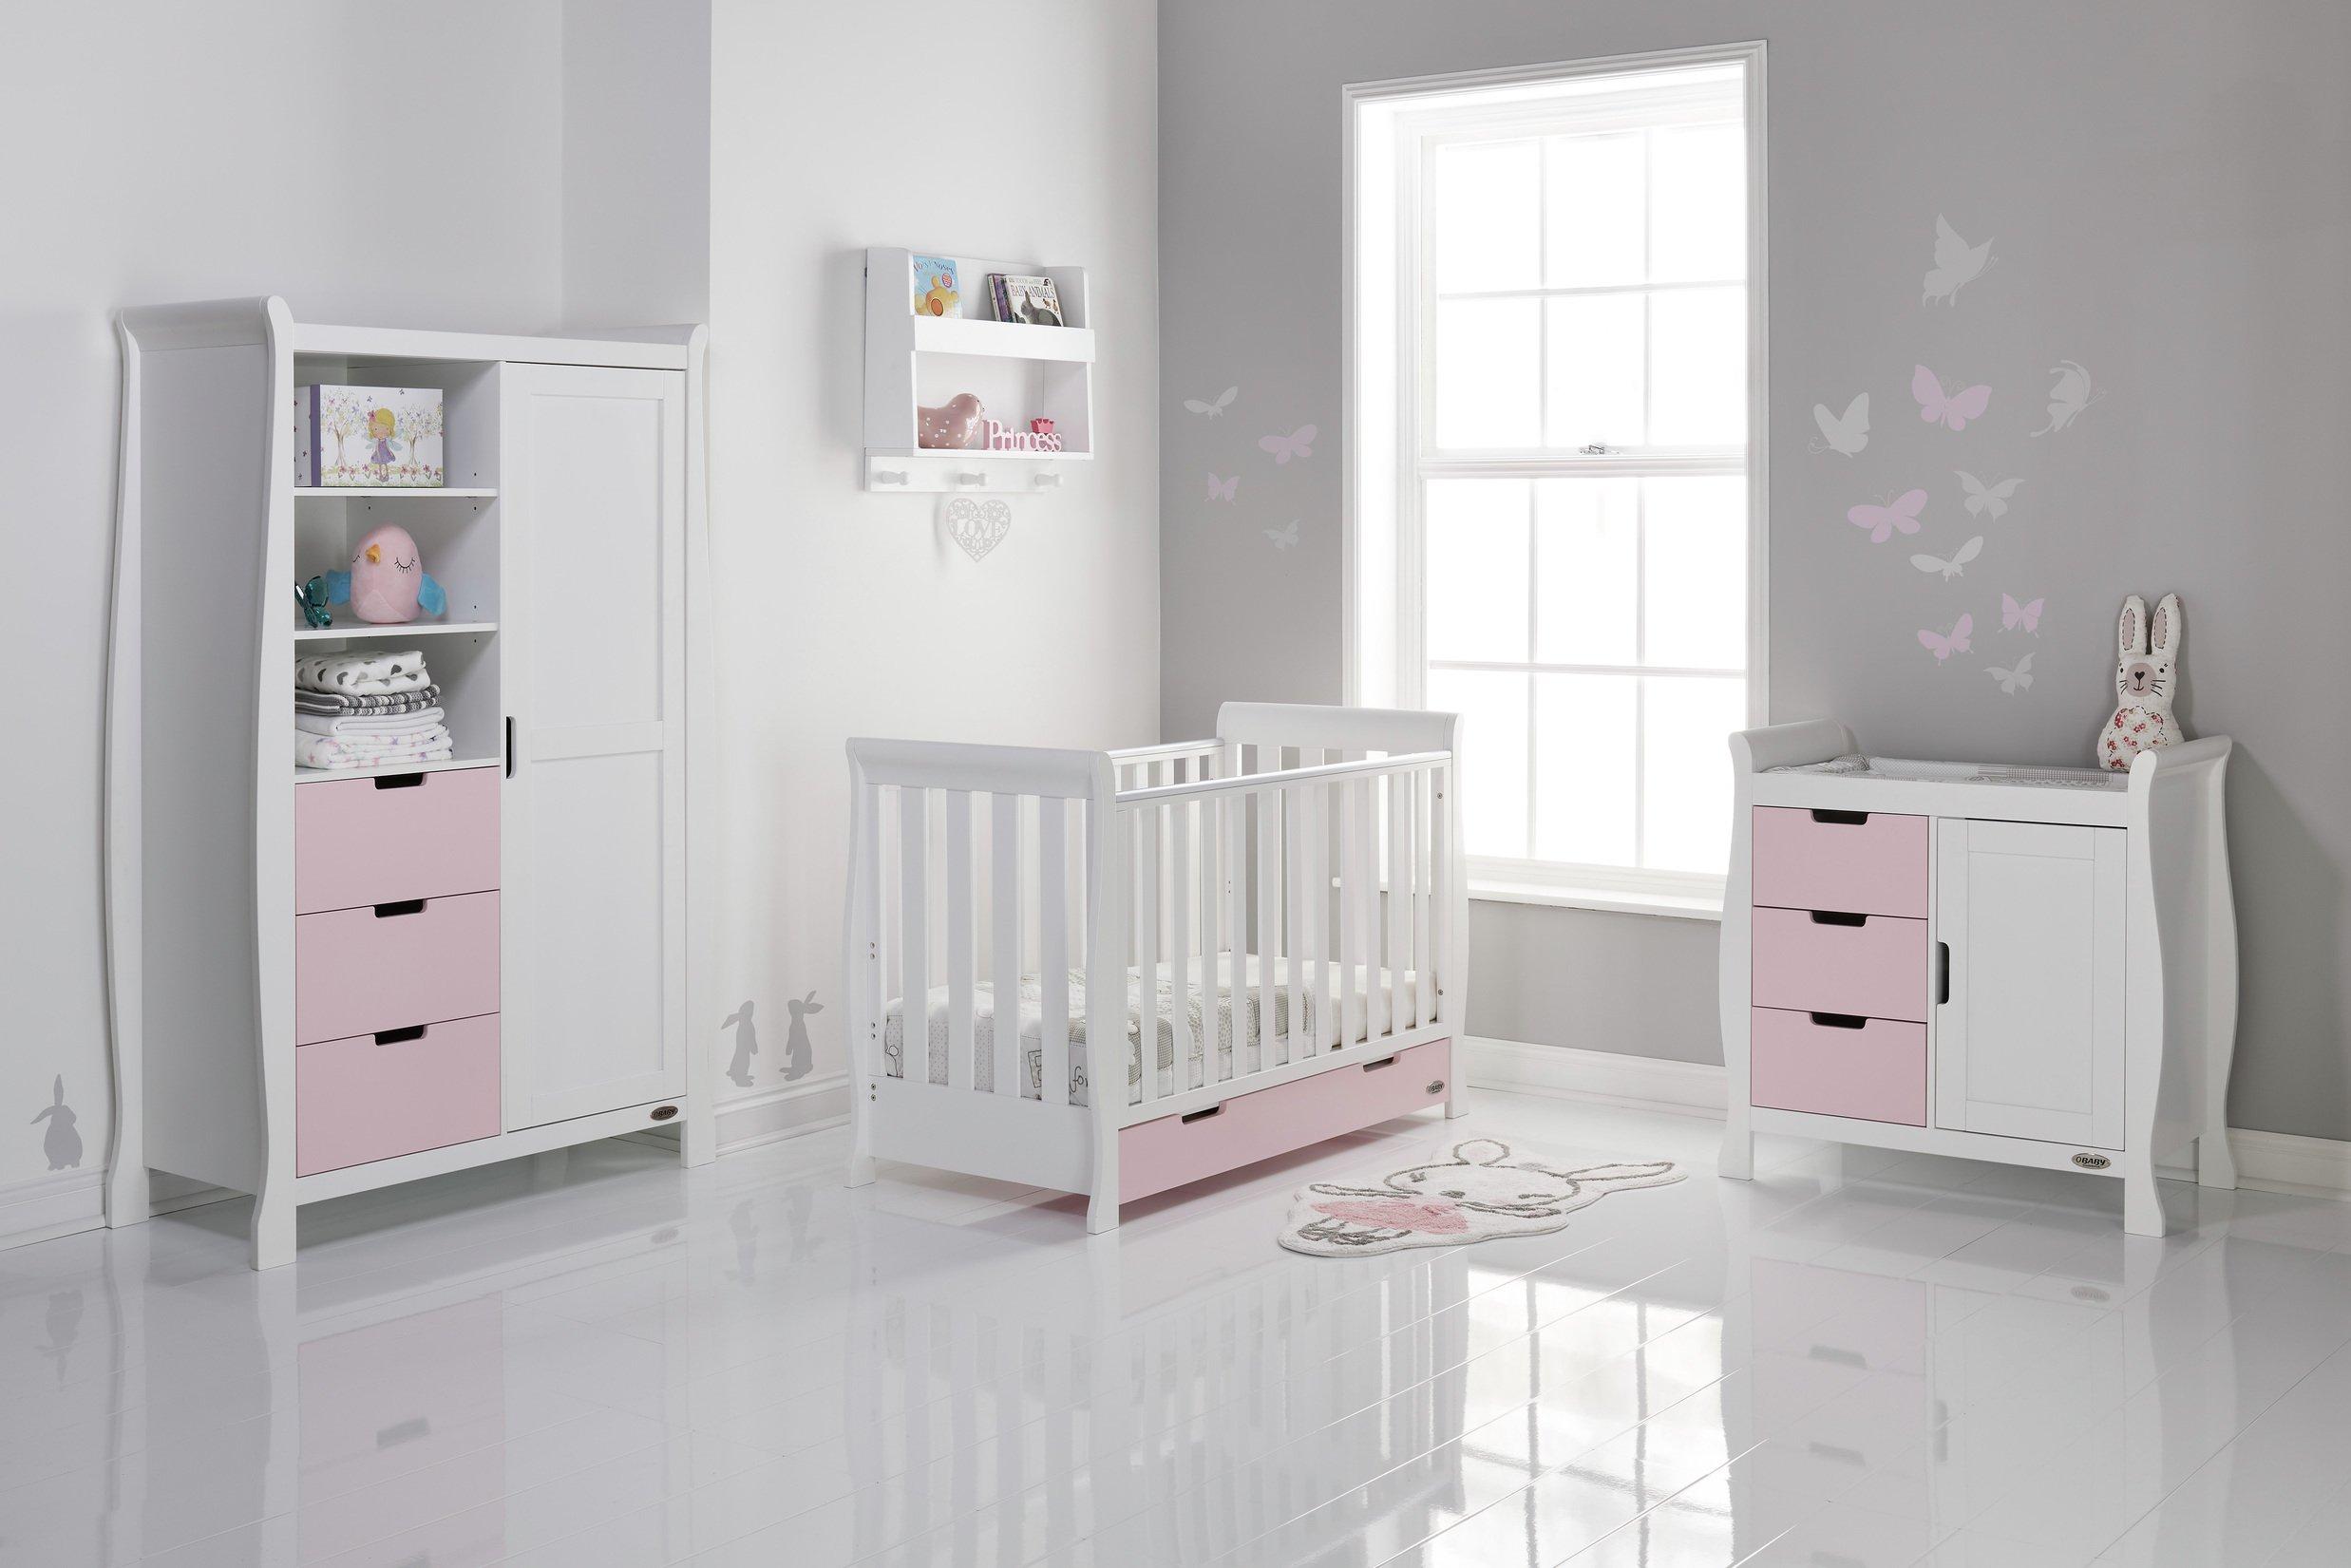 Obaby Stamford Mini Sleigh 3 Piece Room Set - White & Eton